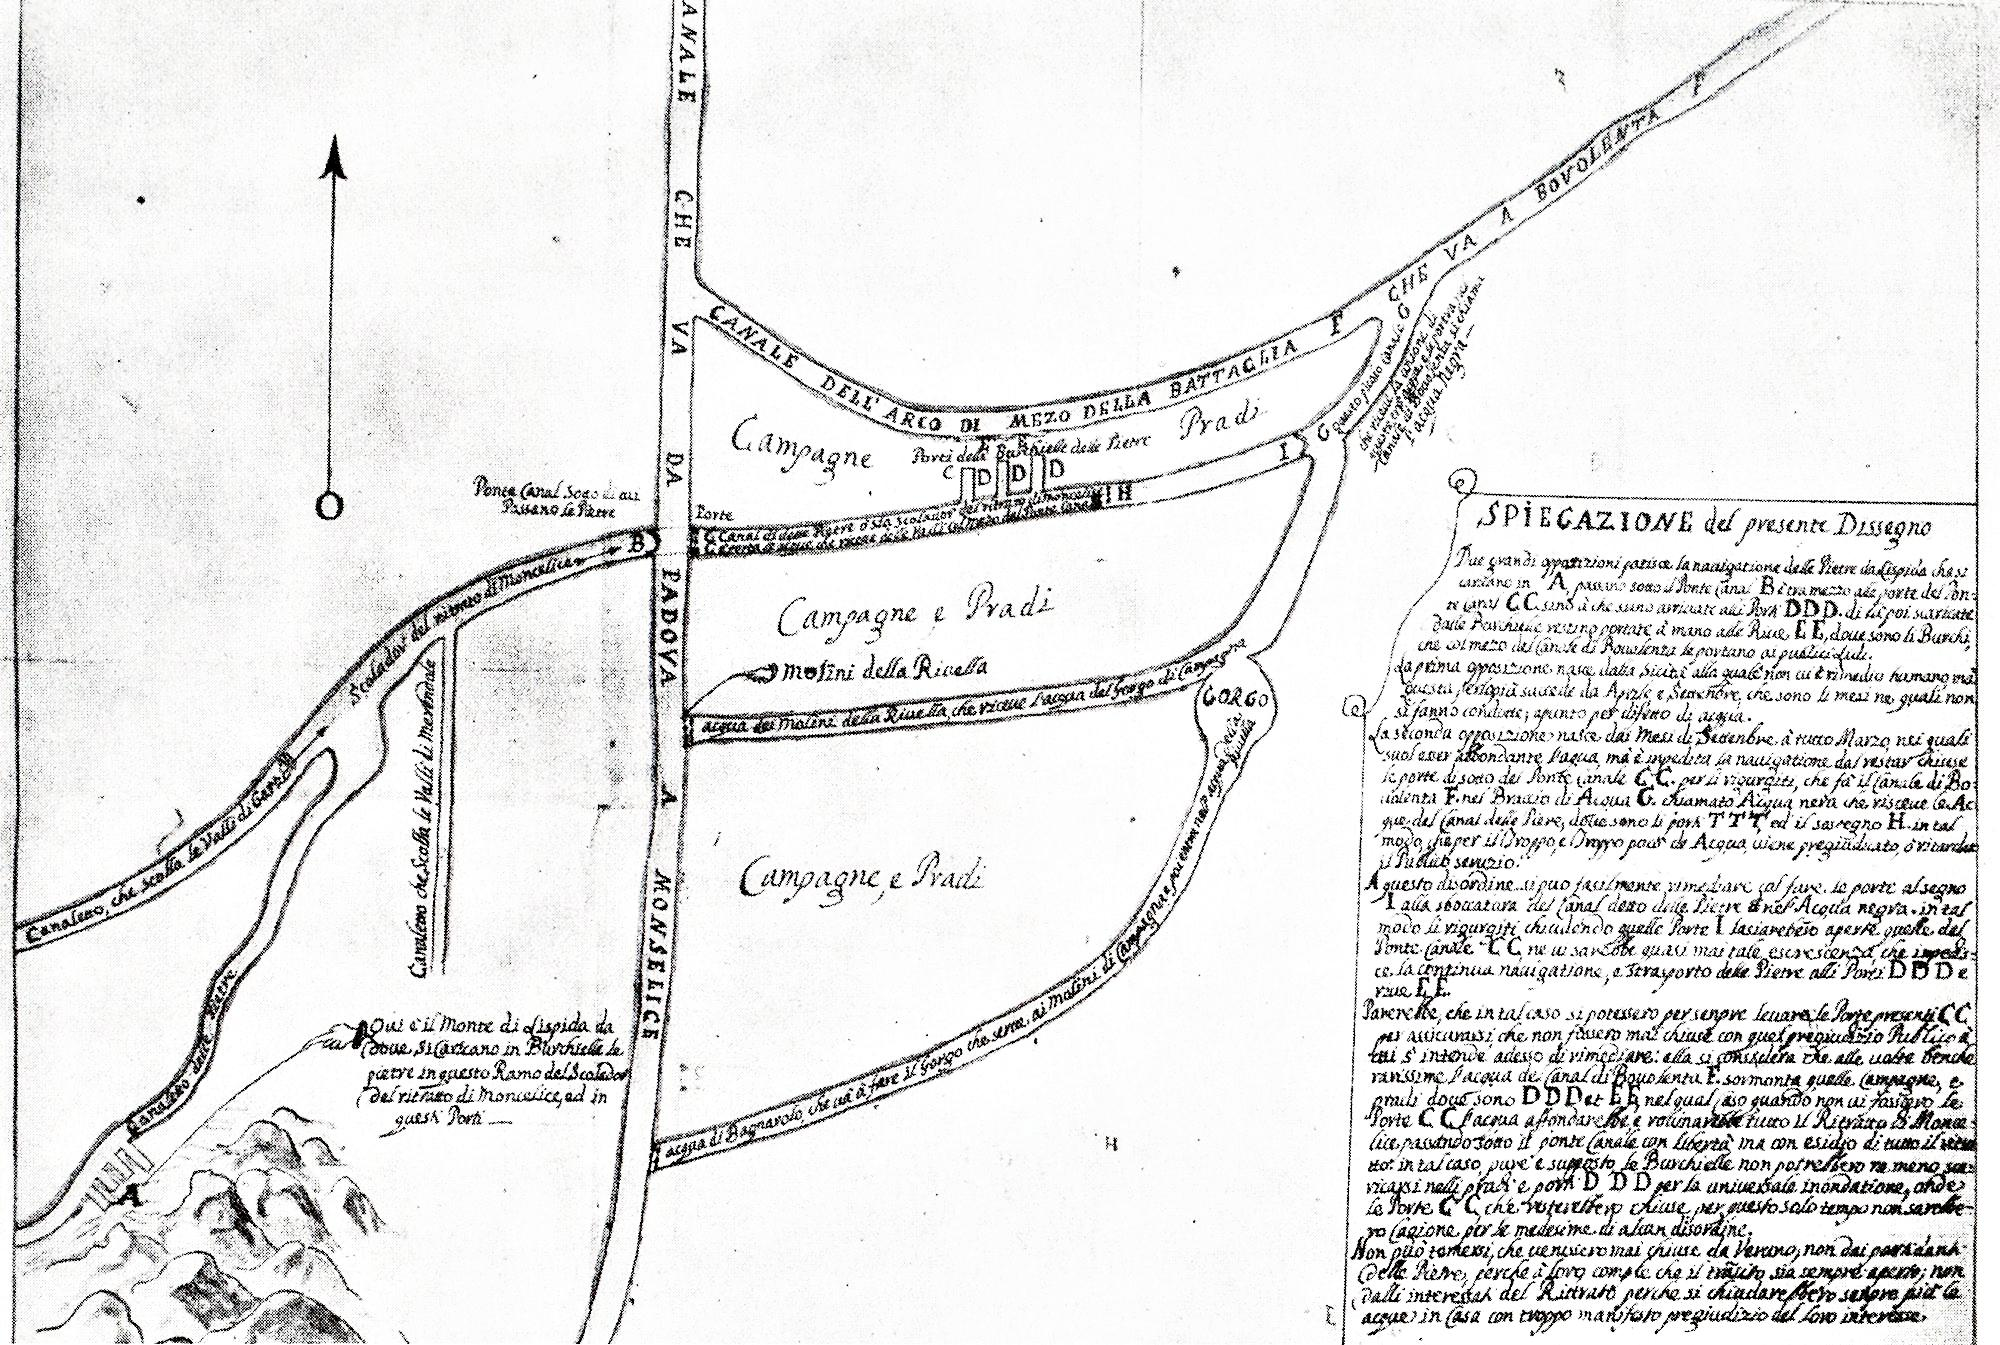 Il sistema idrografico del territorio a sud di Battaglia in un disegno del 1725.